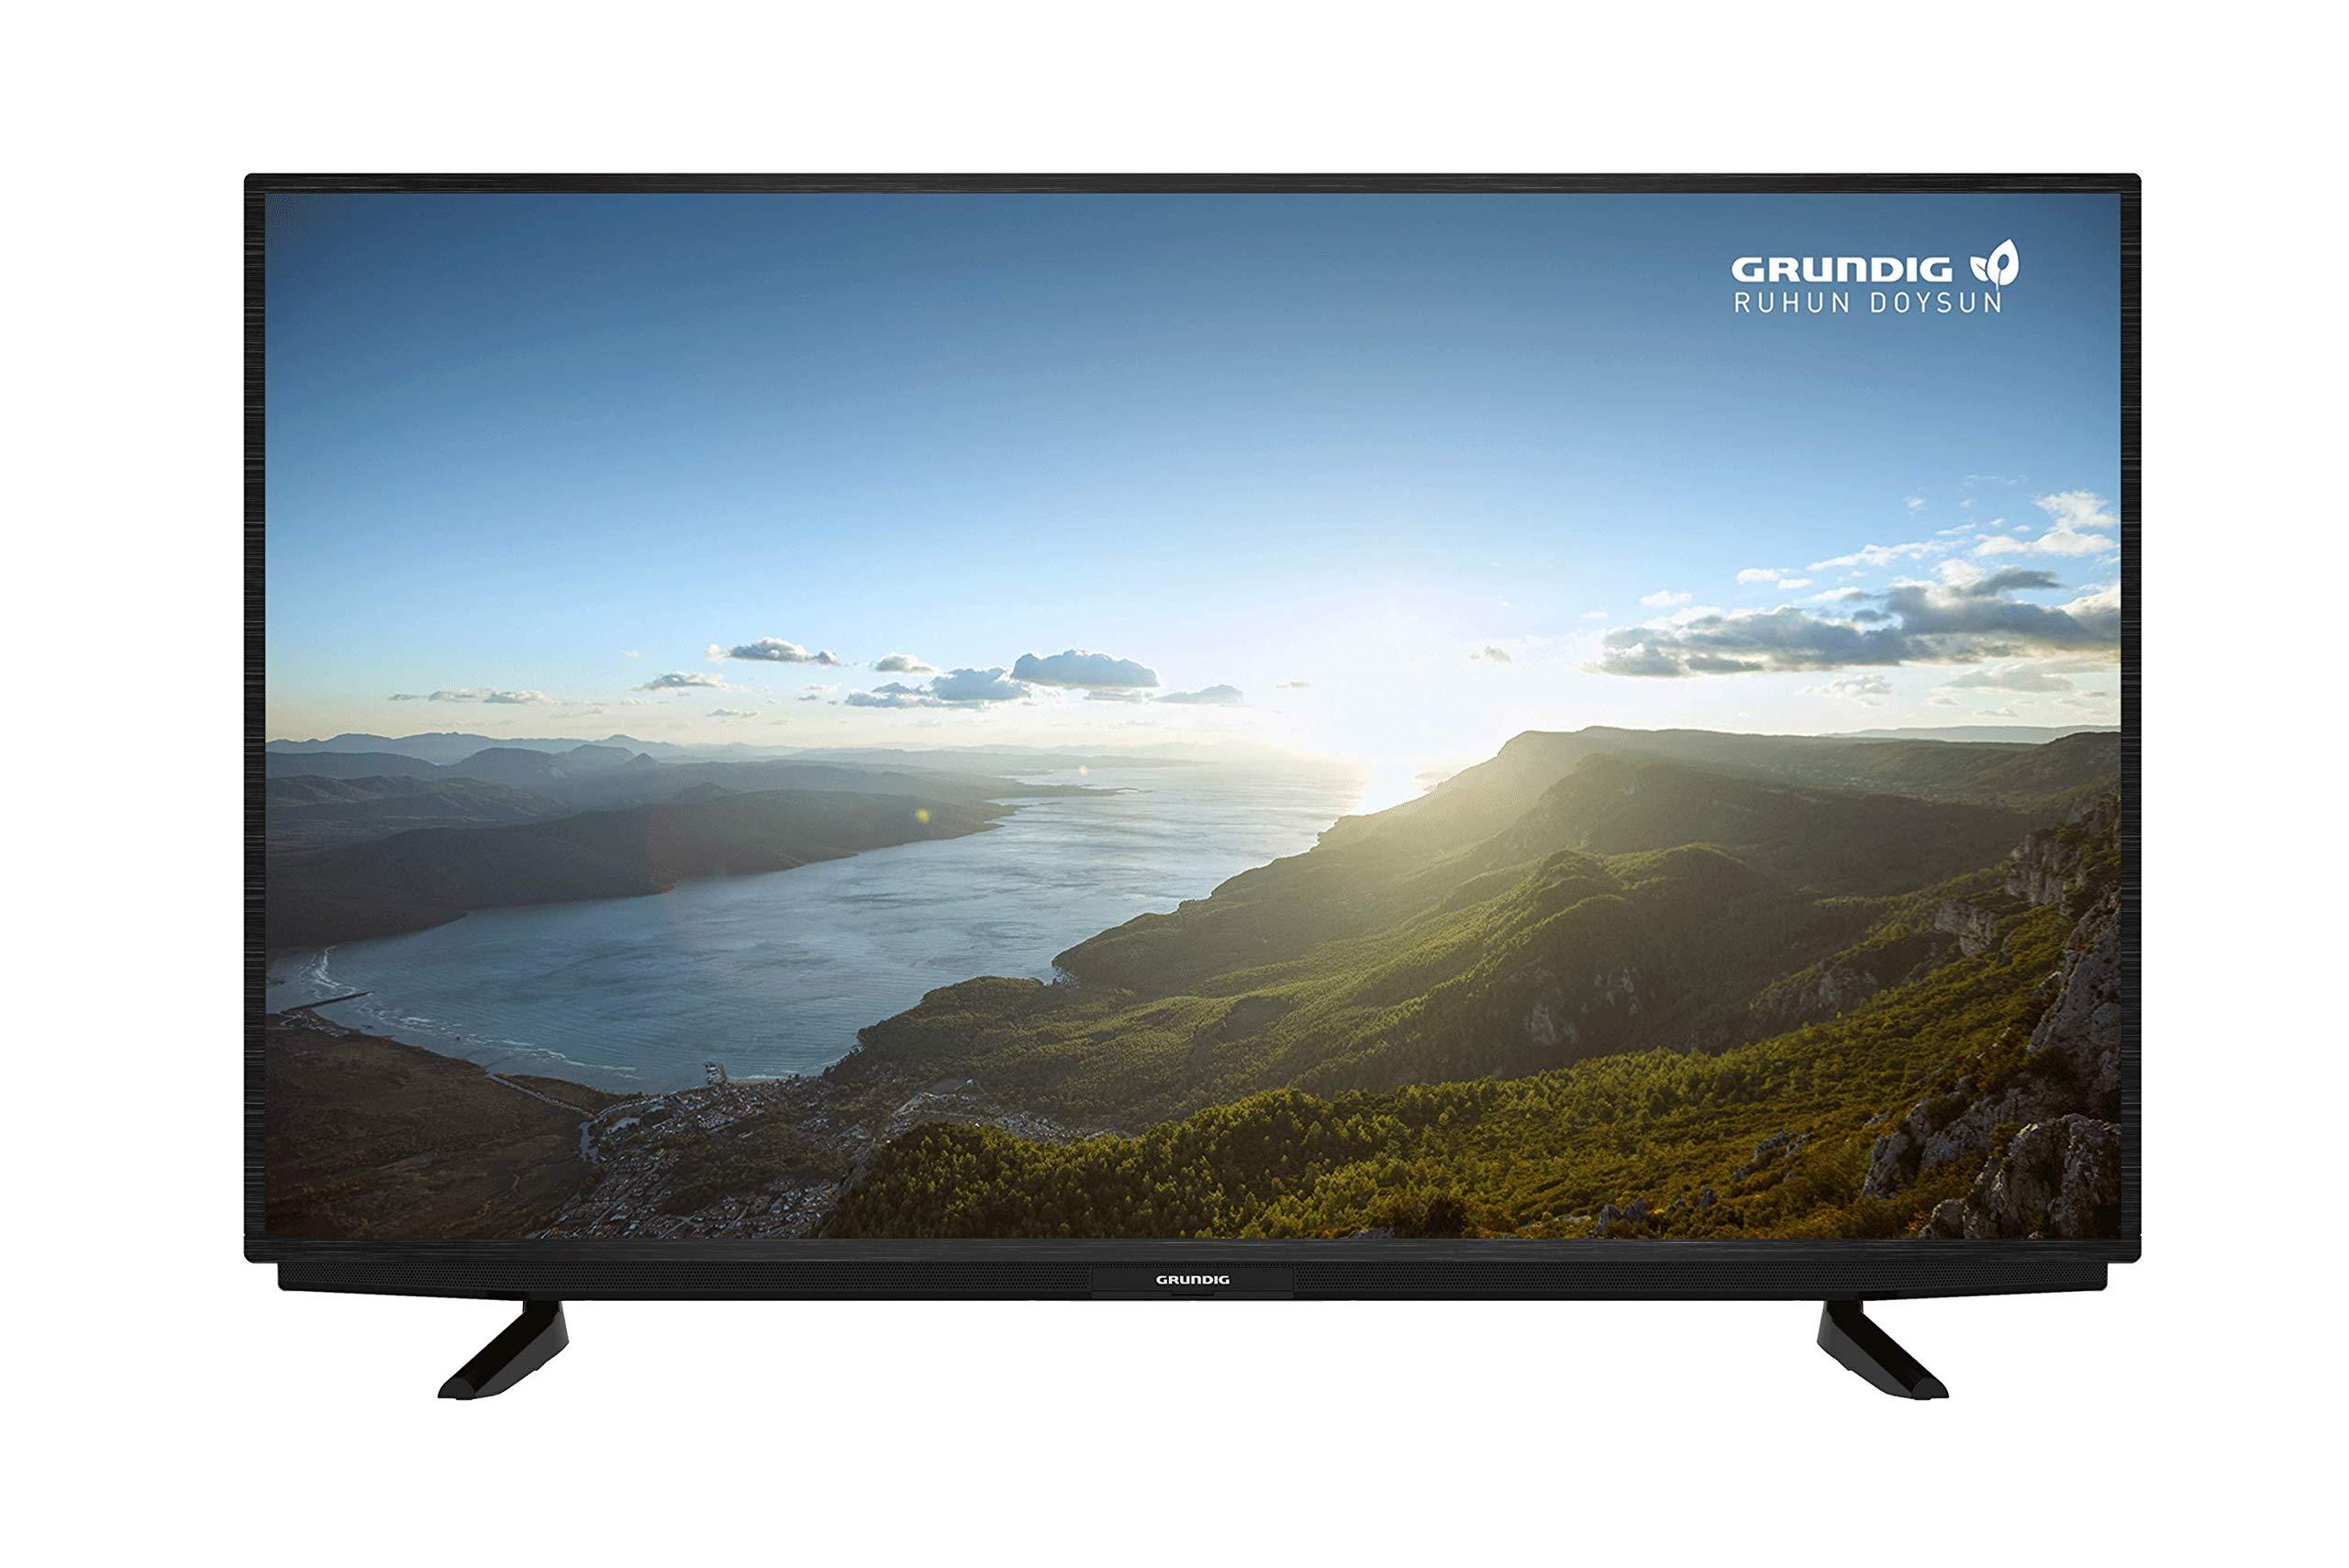 Grundig 50 GEU 7830 B 50'' 127 Ekran Uydu Alıcılı 4K UHD LED TV:  Amazon.com.tr